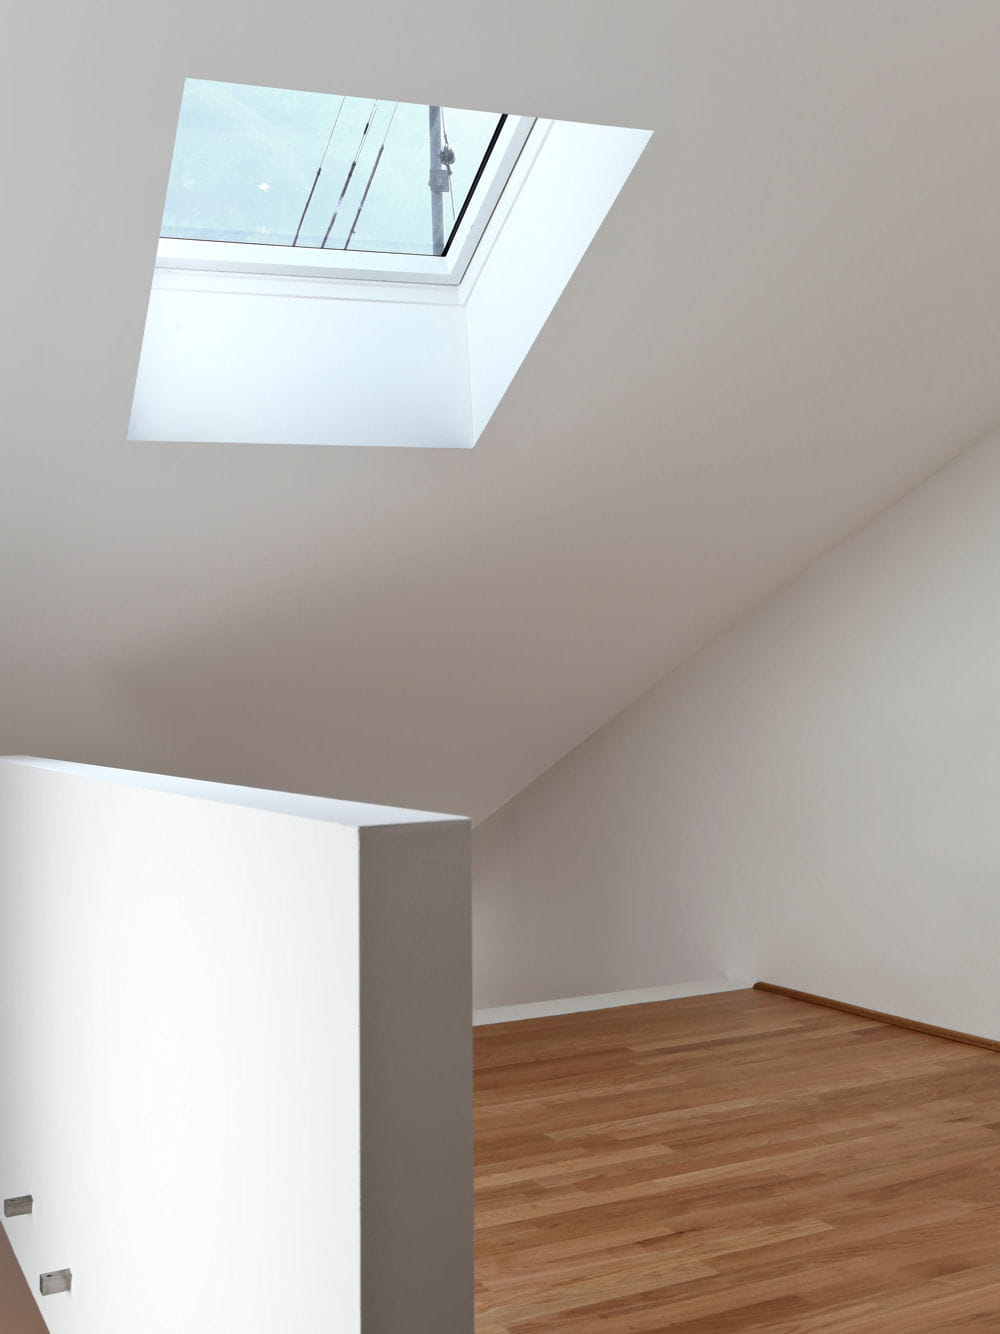 Une hauteur sous plafond r duite immobilier 12 d fauts qui peuvent rebuter les acheteurs jdn - Hauteur sous plafond reglementaire ...